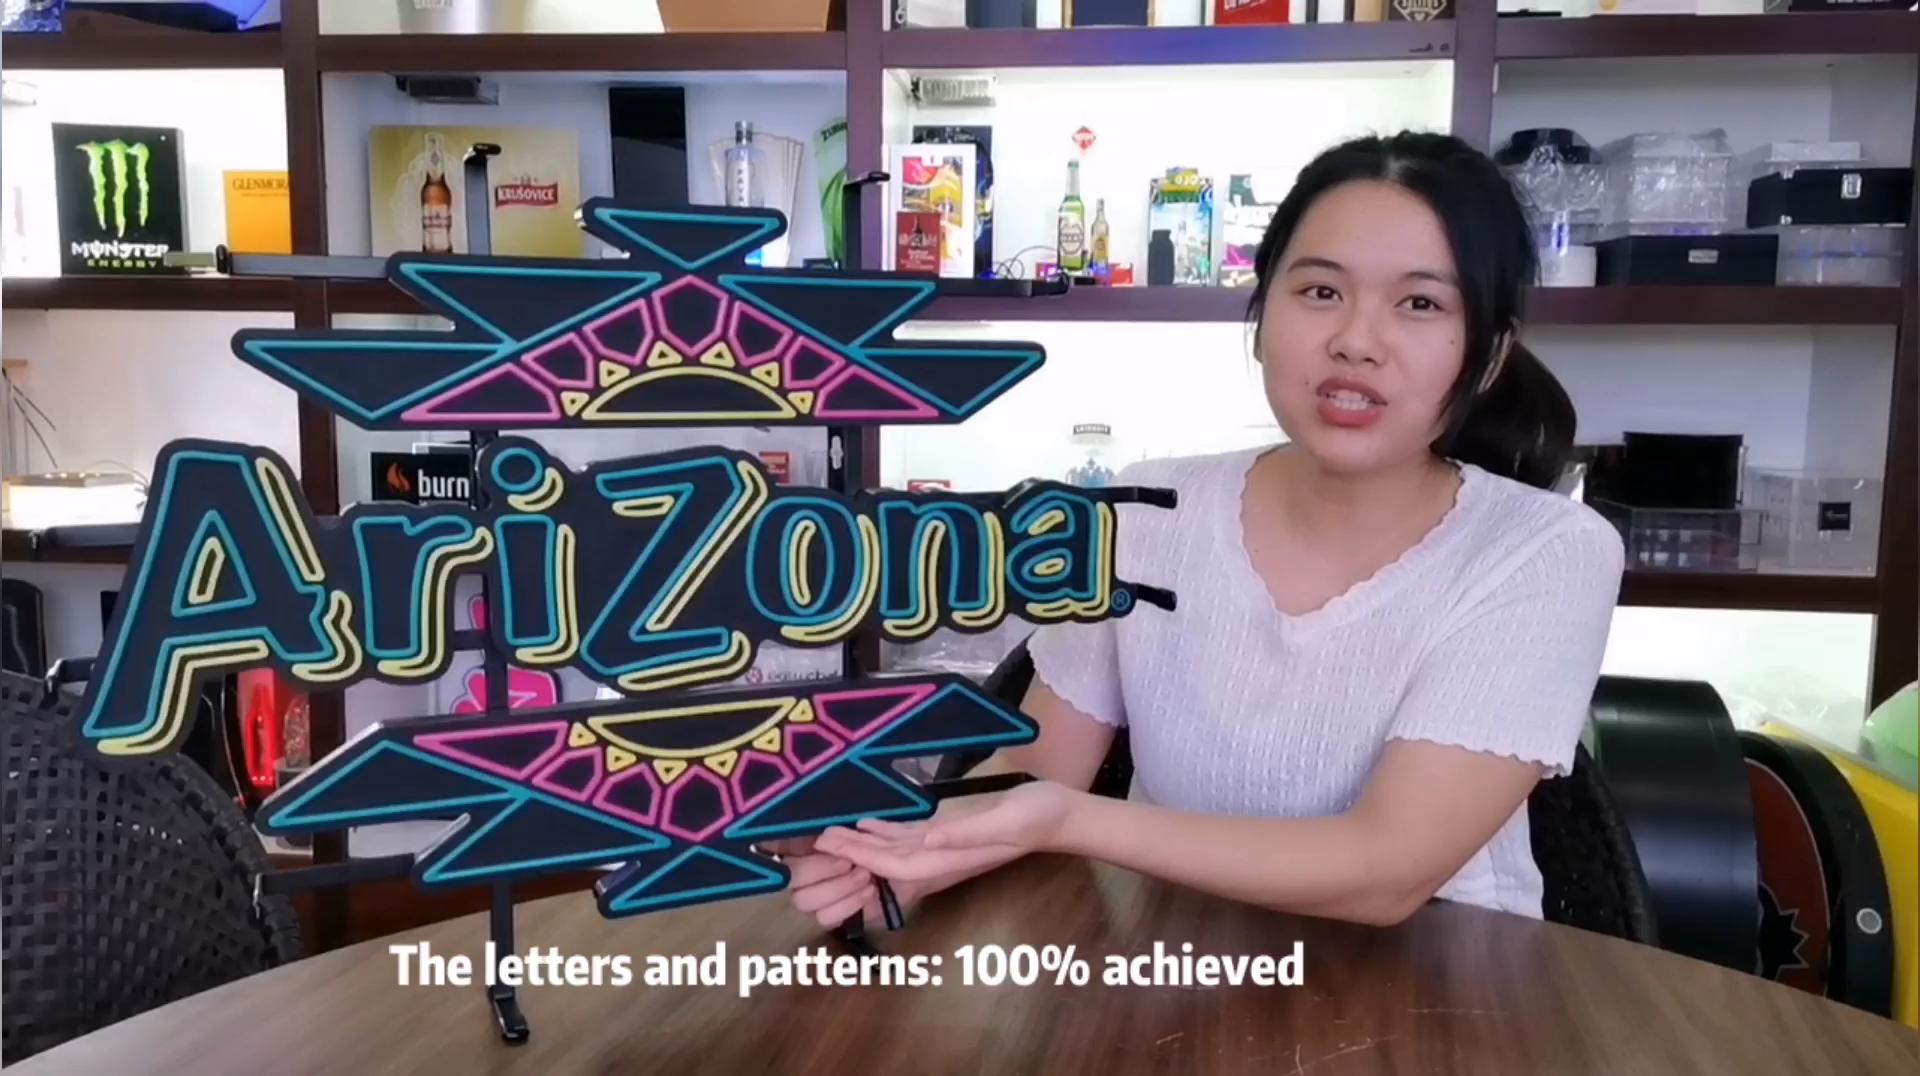 סין סמכות משלוח עיצוב להשיג כל לוגו דפוס מכתב גופנים LED אותיות אישית שלט ניאון